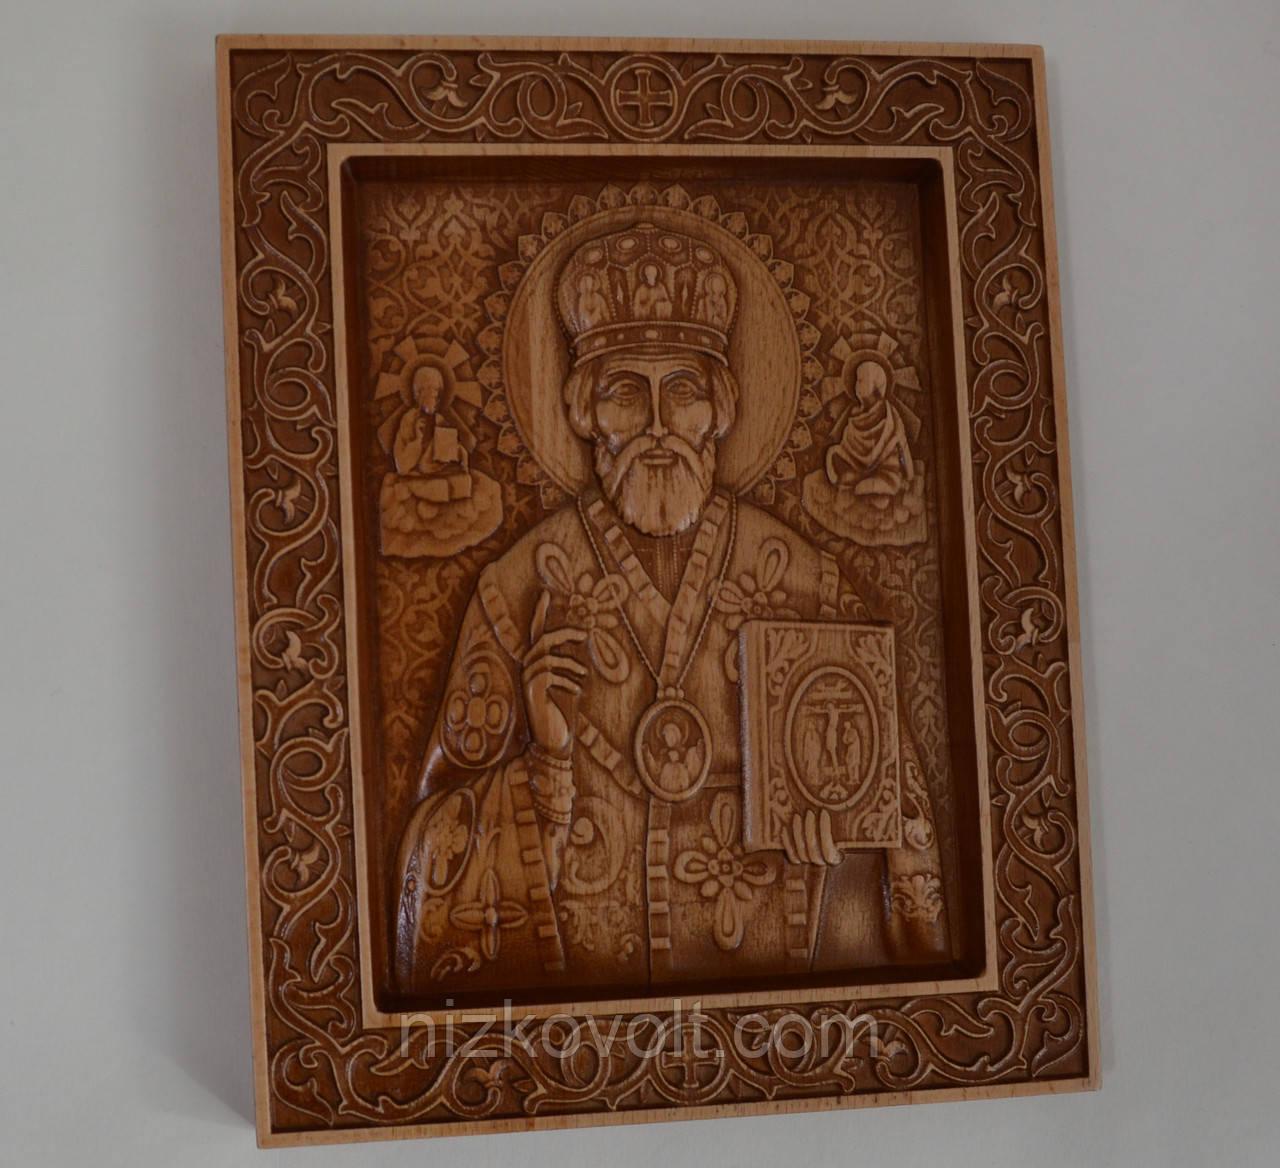 Деревянная икона Николая Чудотворца с резьбой 200*225*18 мм